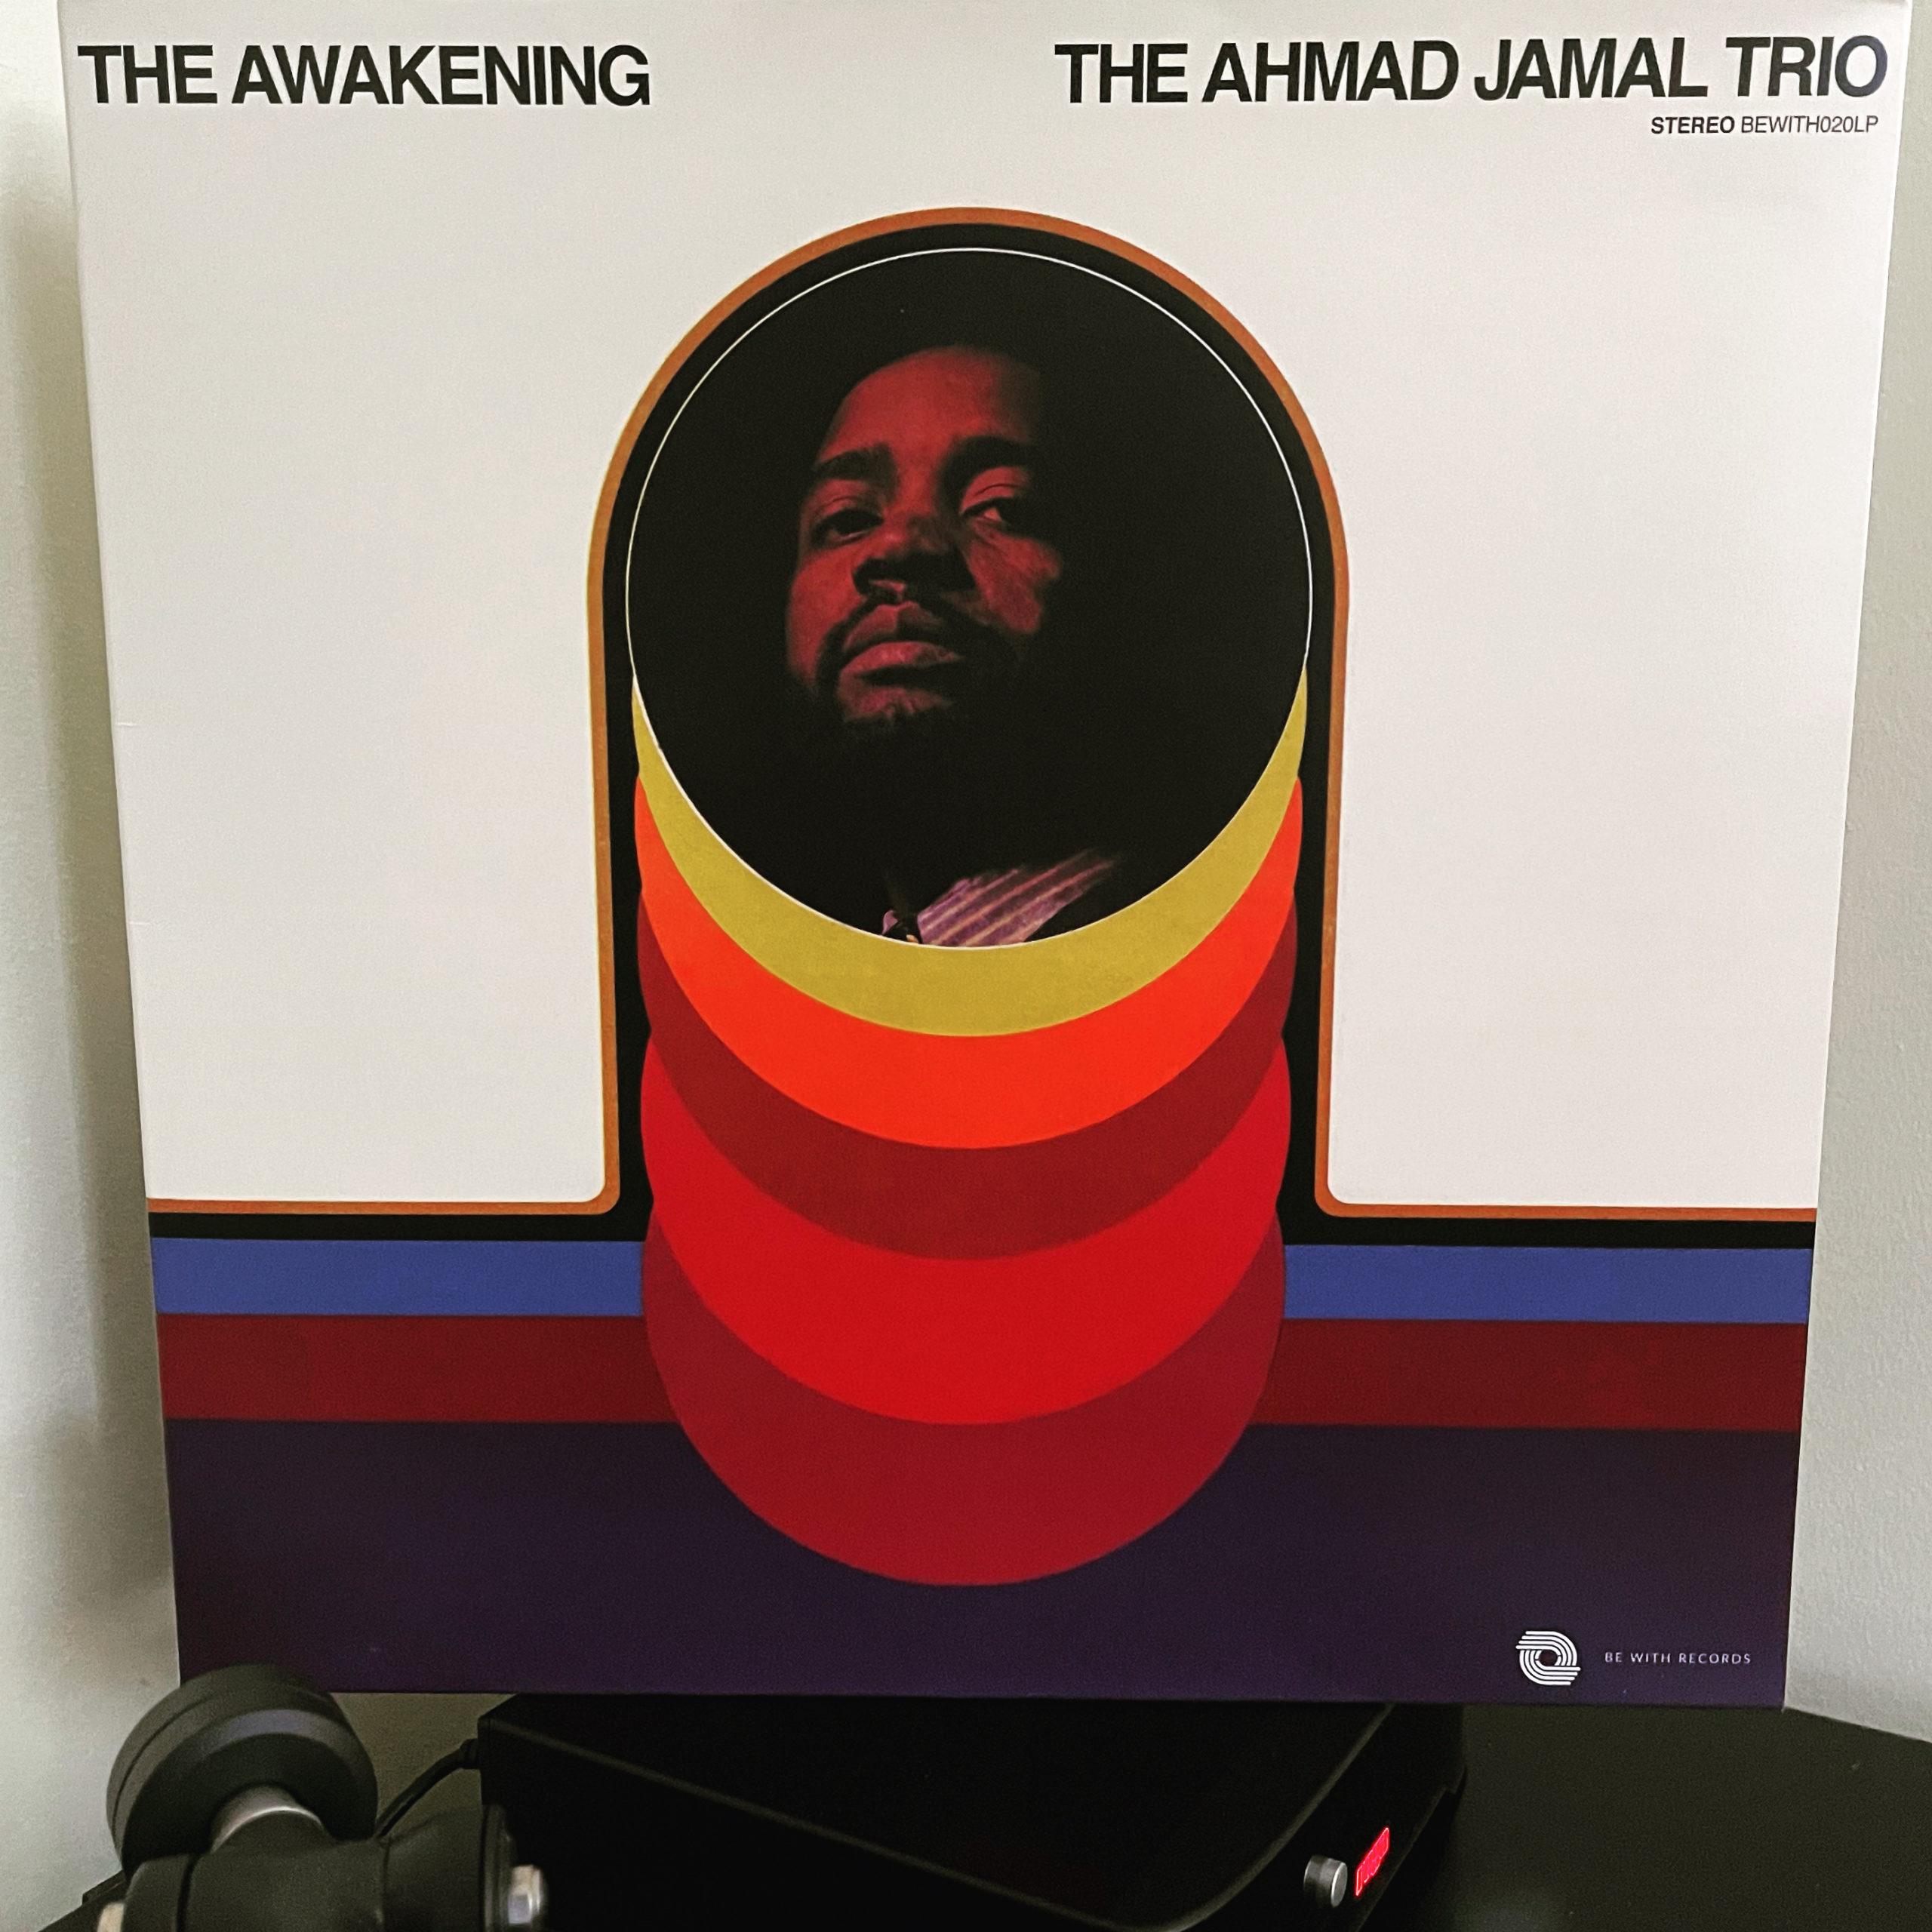 Ahmad Jamal The Awakening